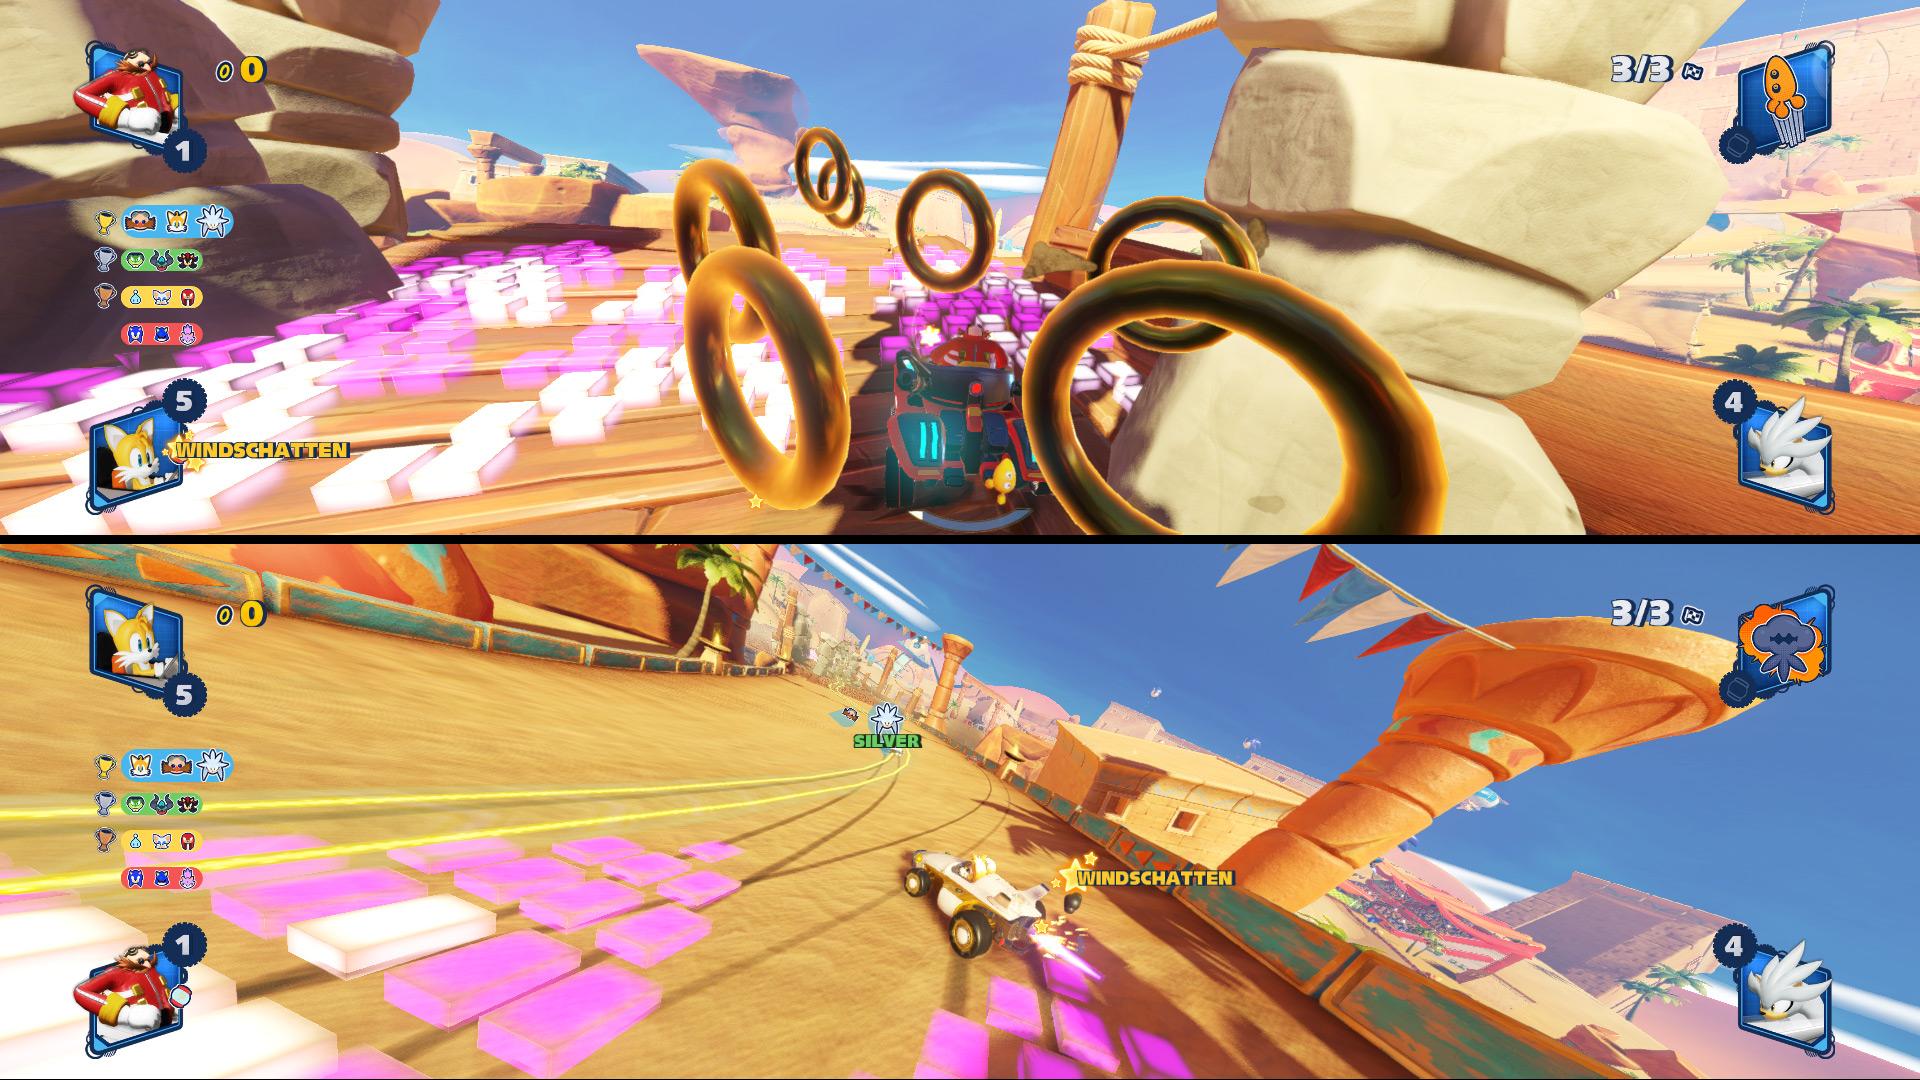 Oben: Vermeide Unfälle, um möglichst viele Extrapunkte durch aufgesammelte Ringe zu bekommen. Unten: Nutze den Windschatten deiner Teamkollegen (gelbe Spur) dann gibt es einen extra Boost.